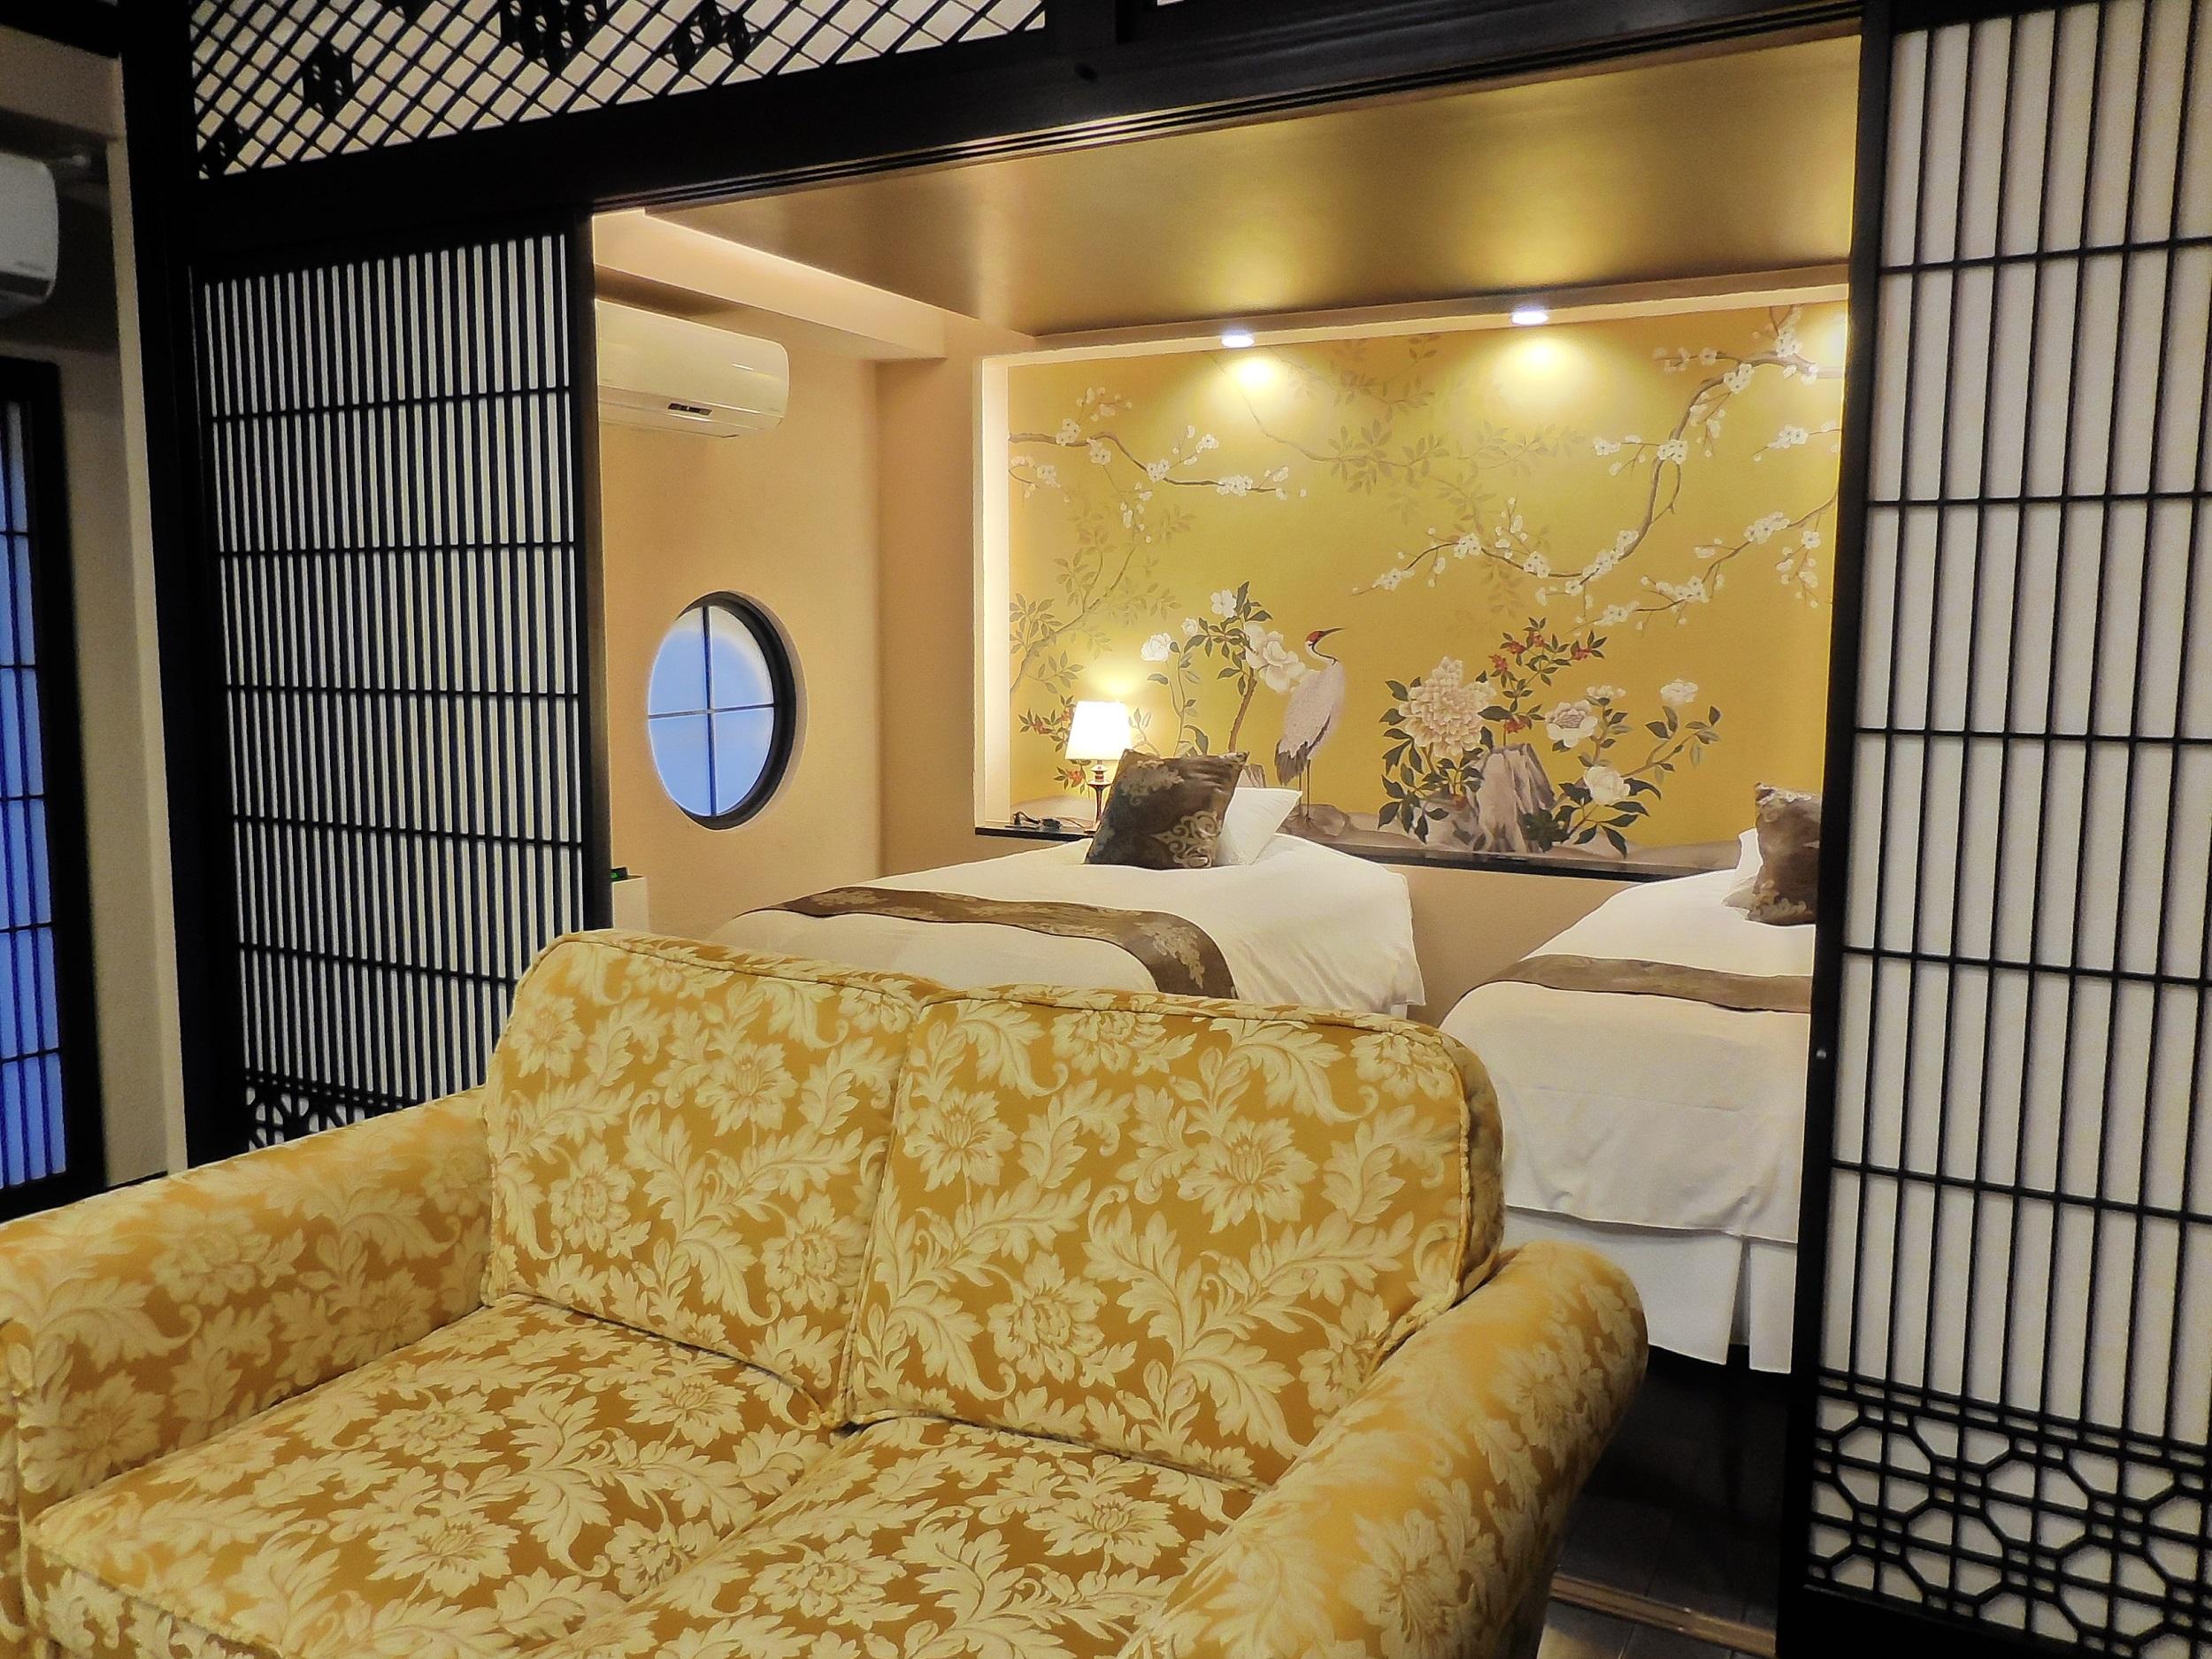 【誕生日旅行】泊まってみたかった和モダンのお部屋・・・想像を超えるお部屋でした^^_6